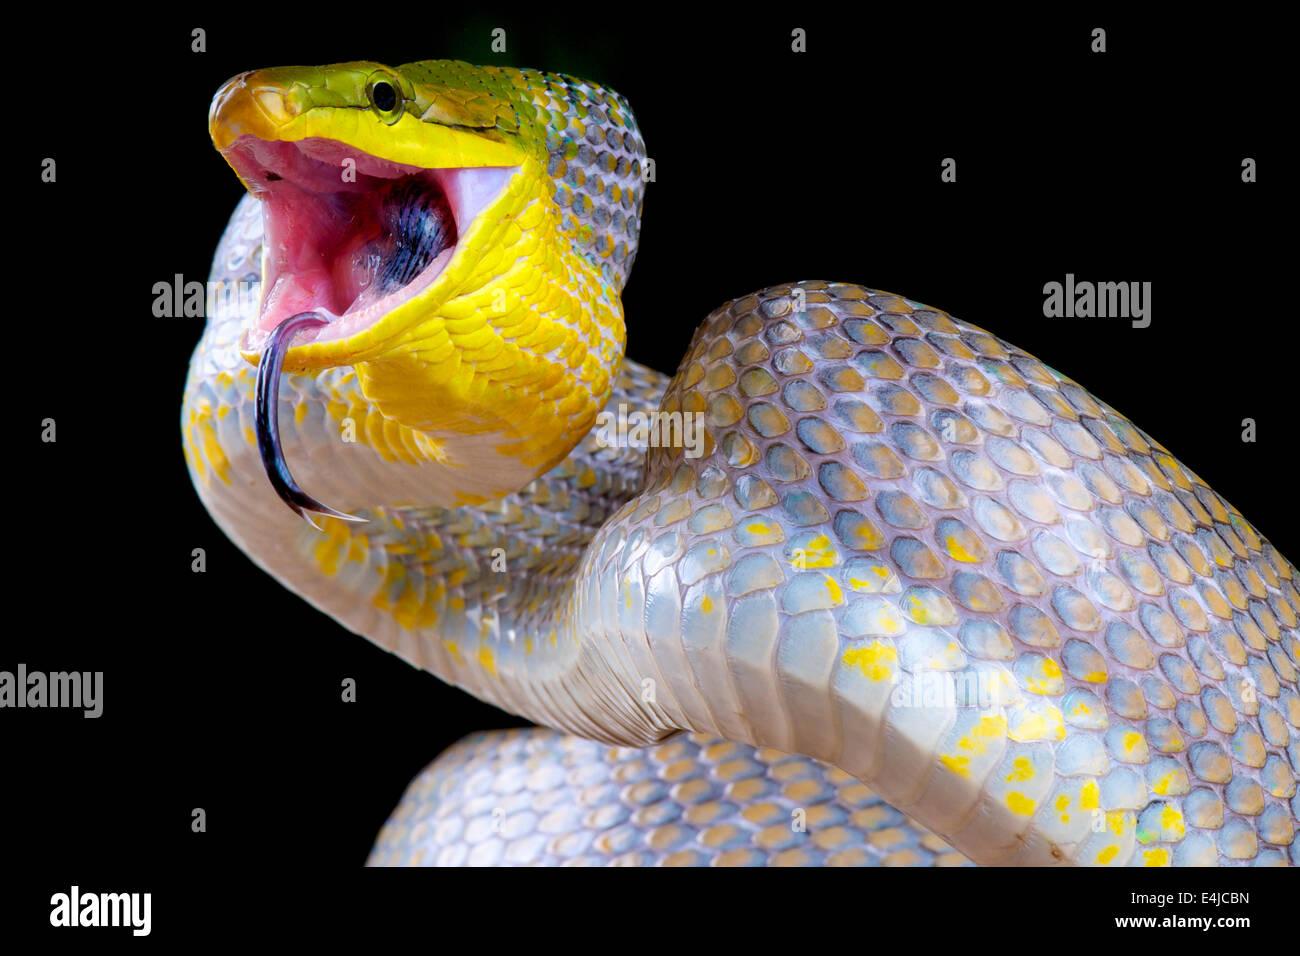 Attacking snake / Gonyosoma oxycephalum - Stock Image